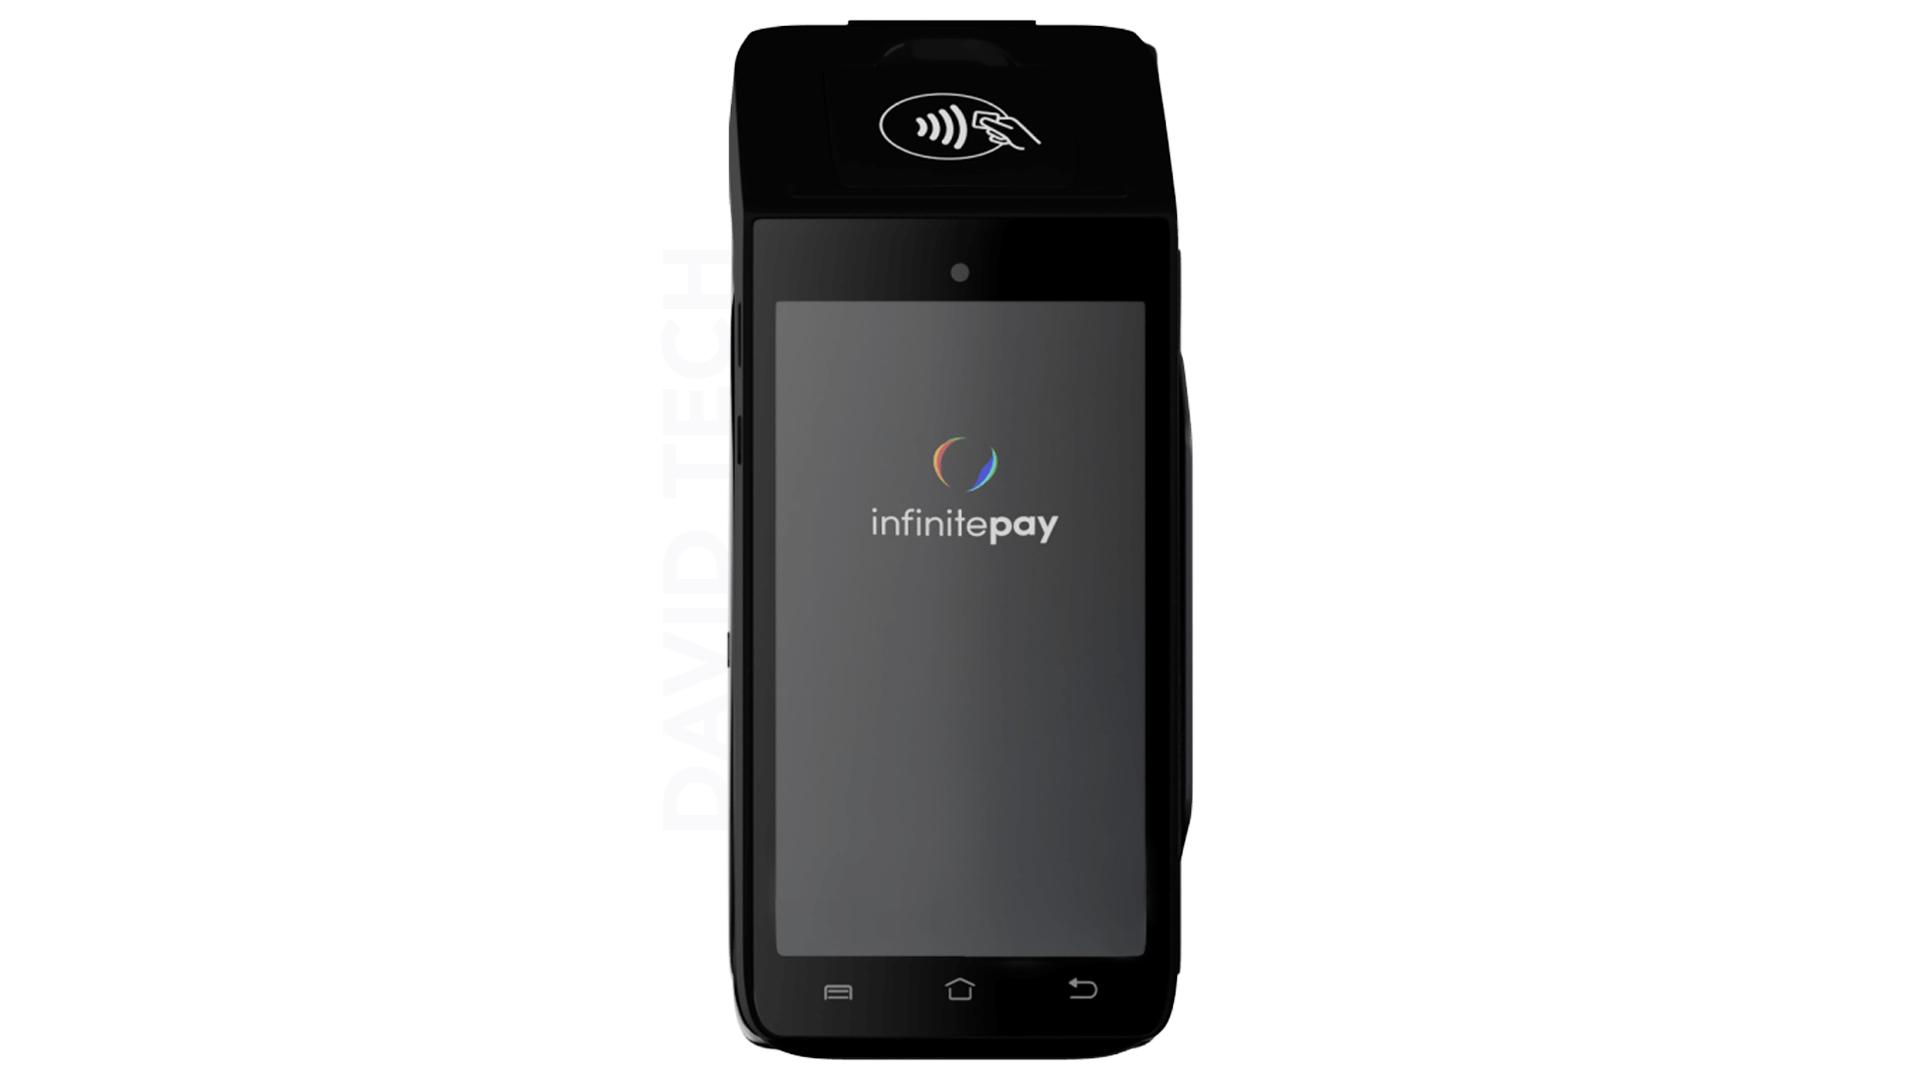 InfiniteBlack X990 - Nova máquina de cartão da InfinitePay